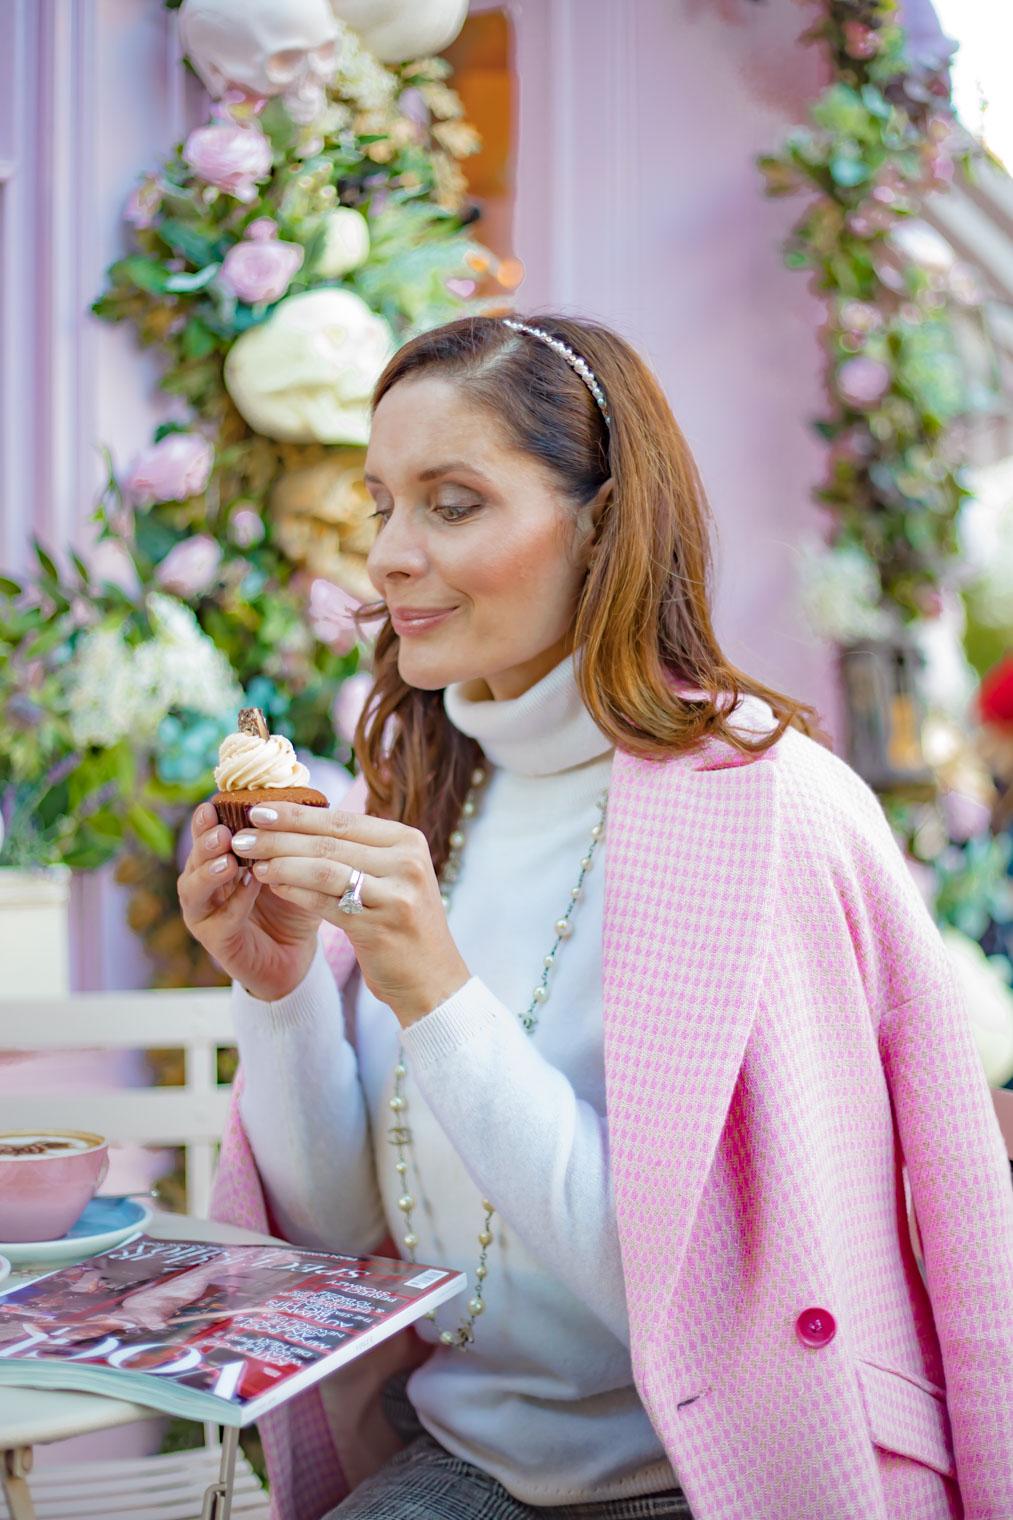 Peggy Porchen cakes London Chic Journal blog